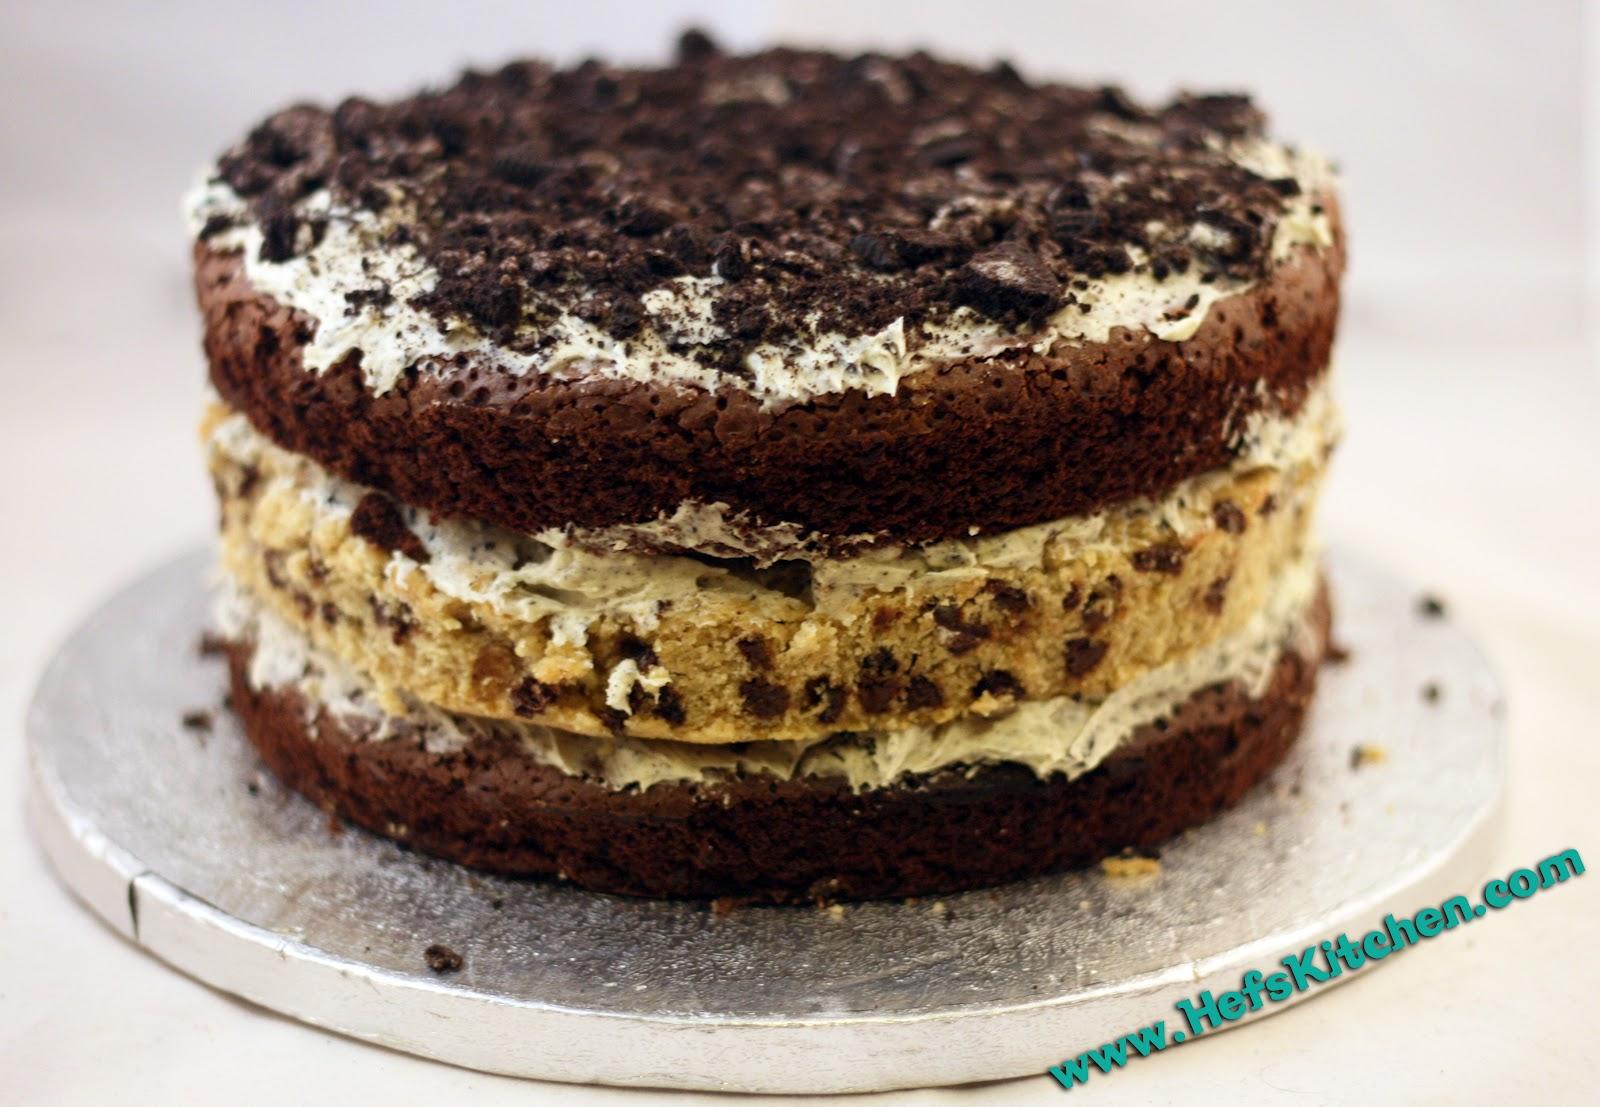 Chocolate Chip Cookie Oreo Brownie Cake